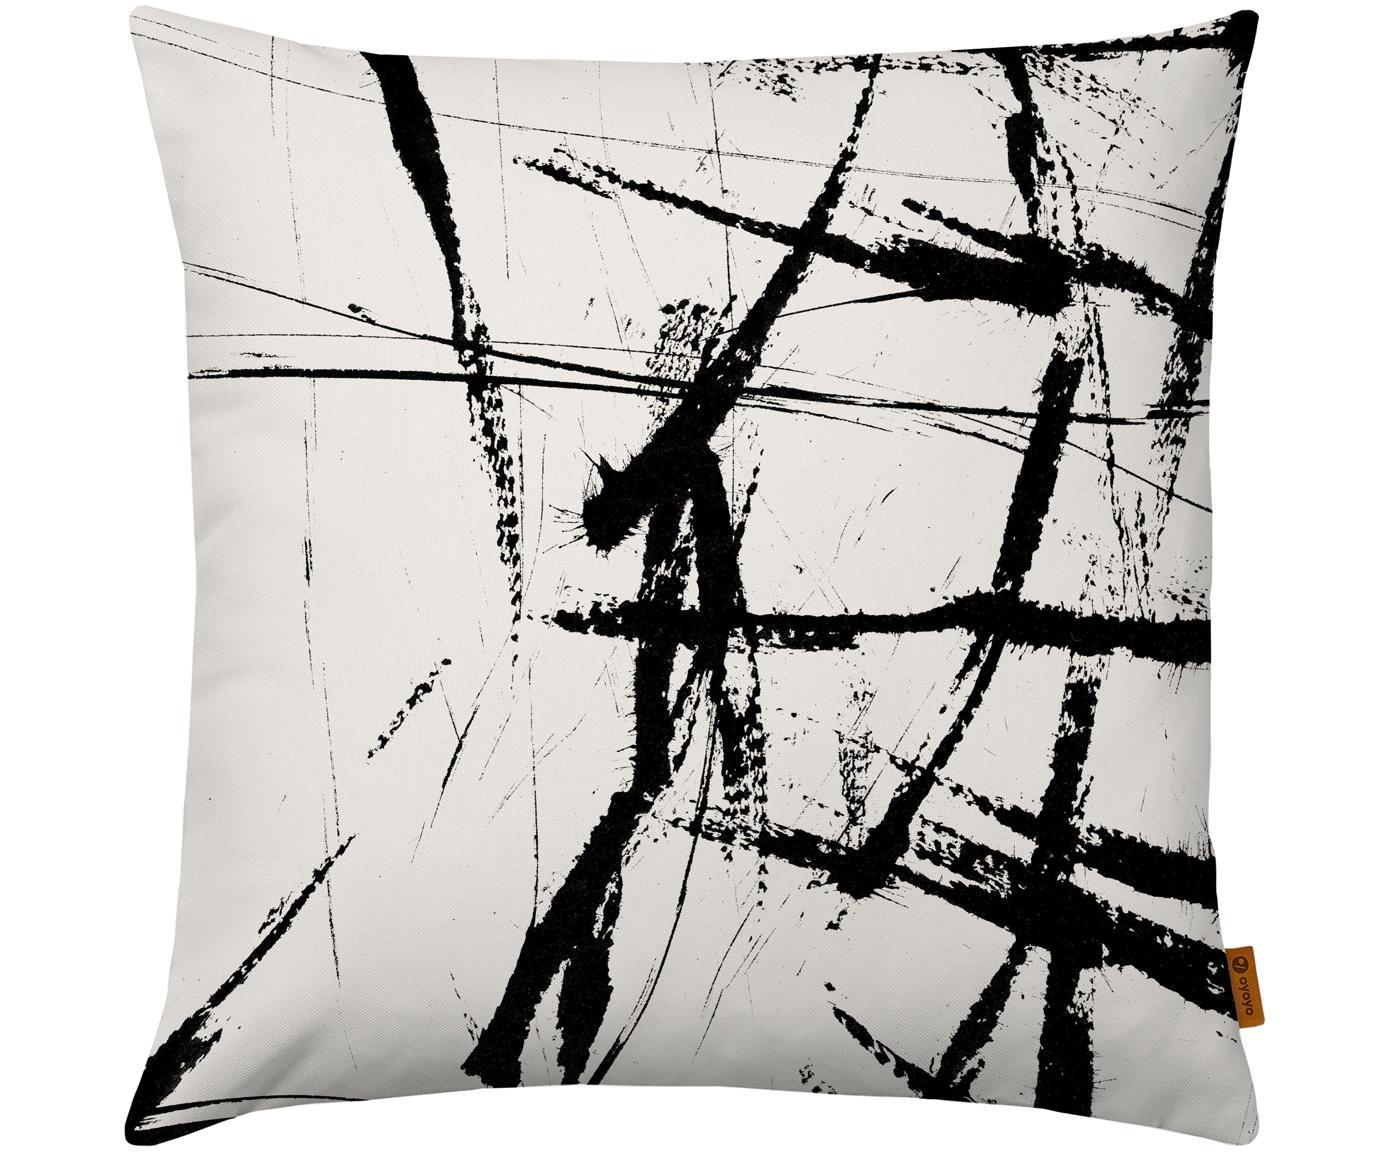 Kissenhülle Neven mit abstraktem Print in Schwarz/Weiß, 100% Polyester, Schwarz, Weiß, 50 x 50 cm